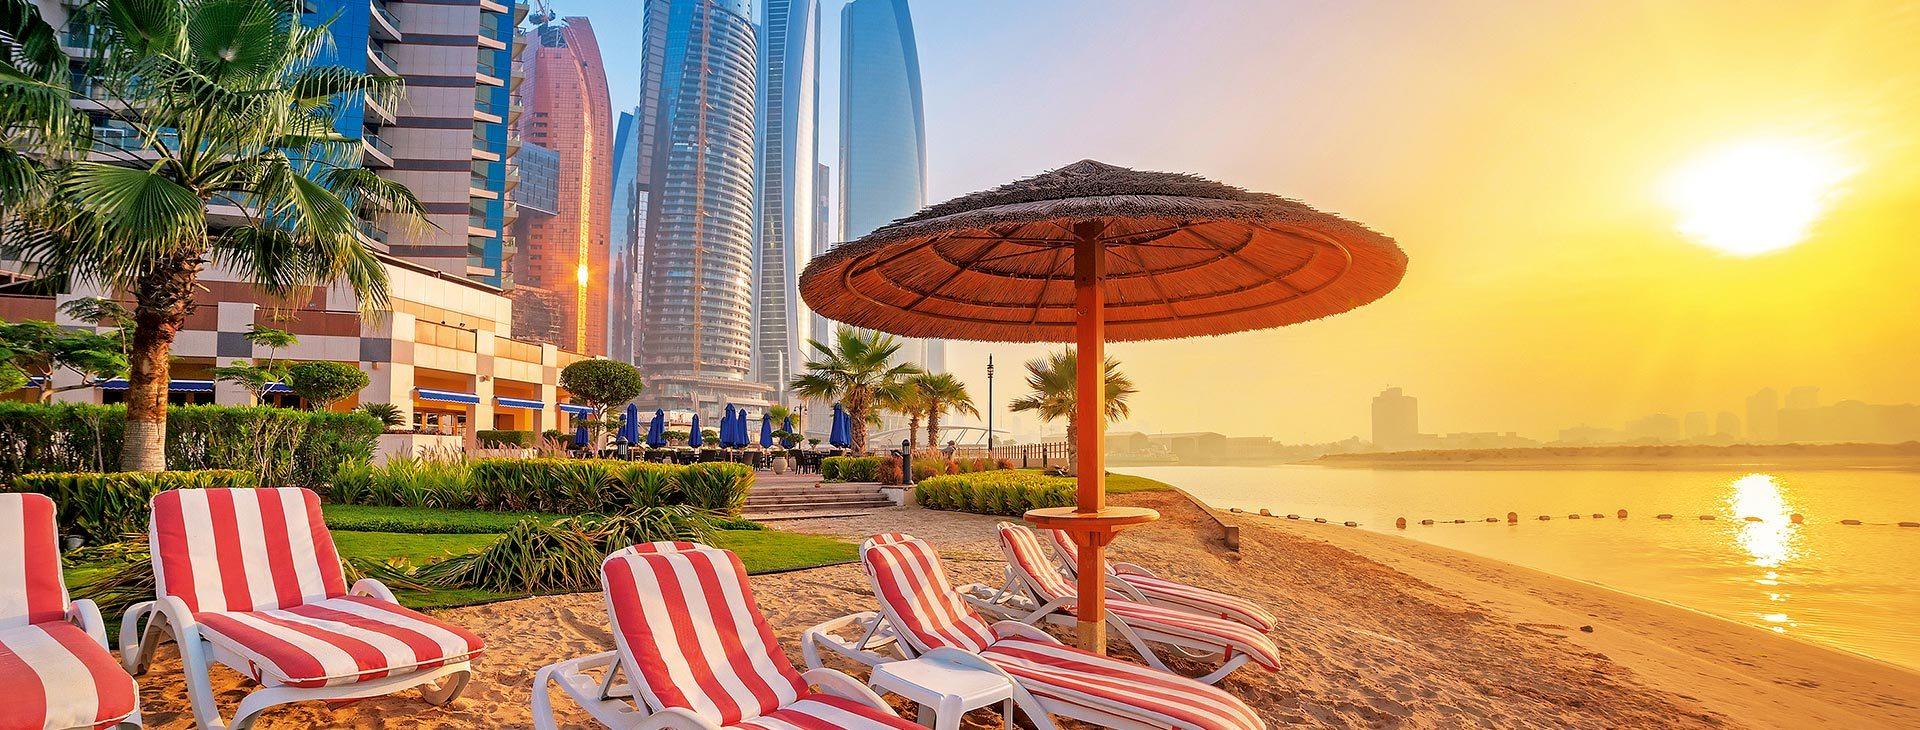 Nejlepší arabské restaurace v Dubaji: Prohlédněte si 13 608 recenzí cestovatelů na TripAdvisoru týkajících se arabských restaurací v Dubaji.